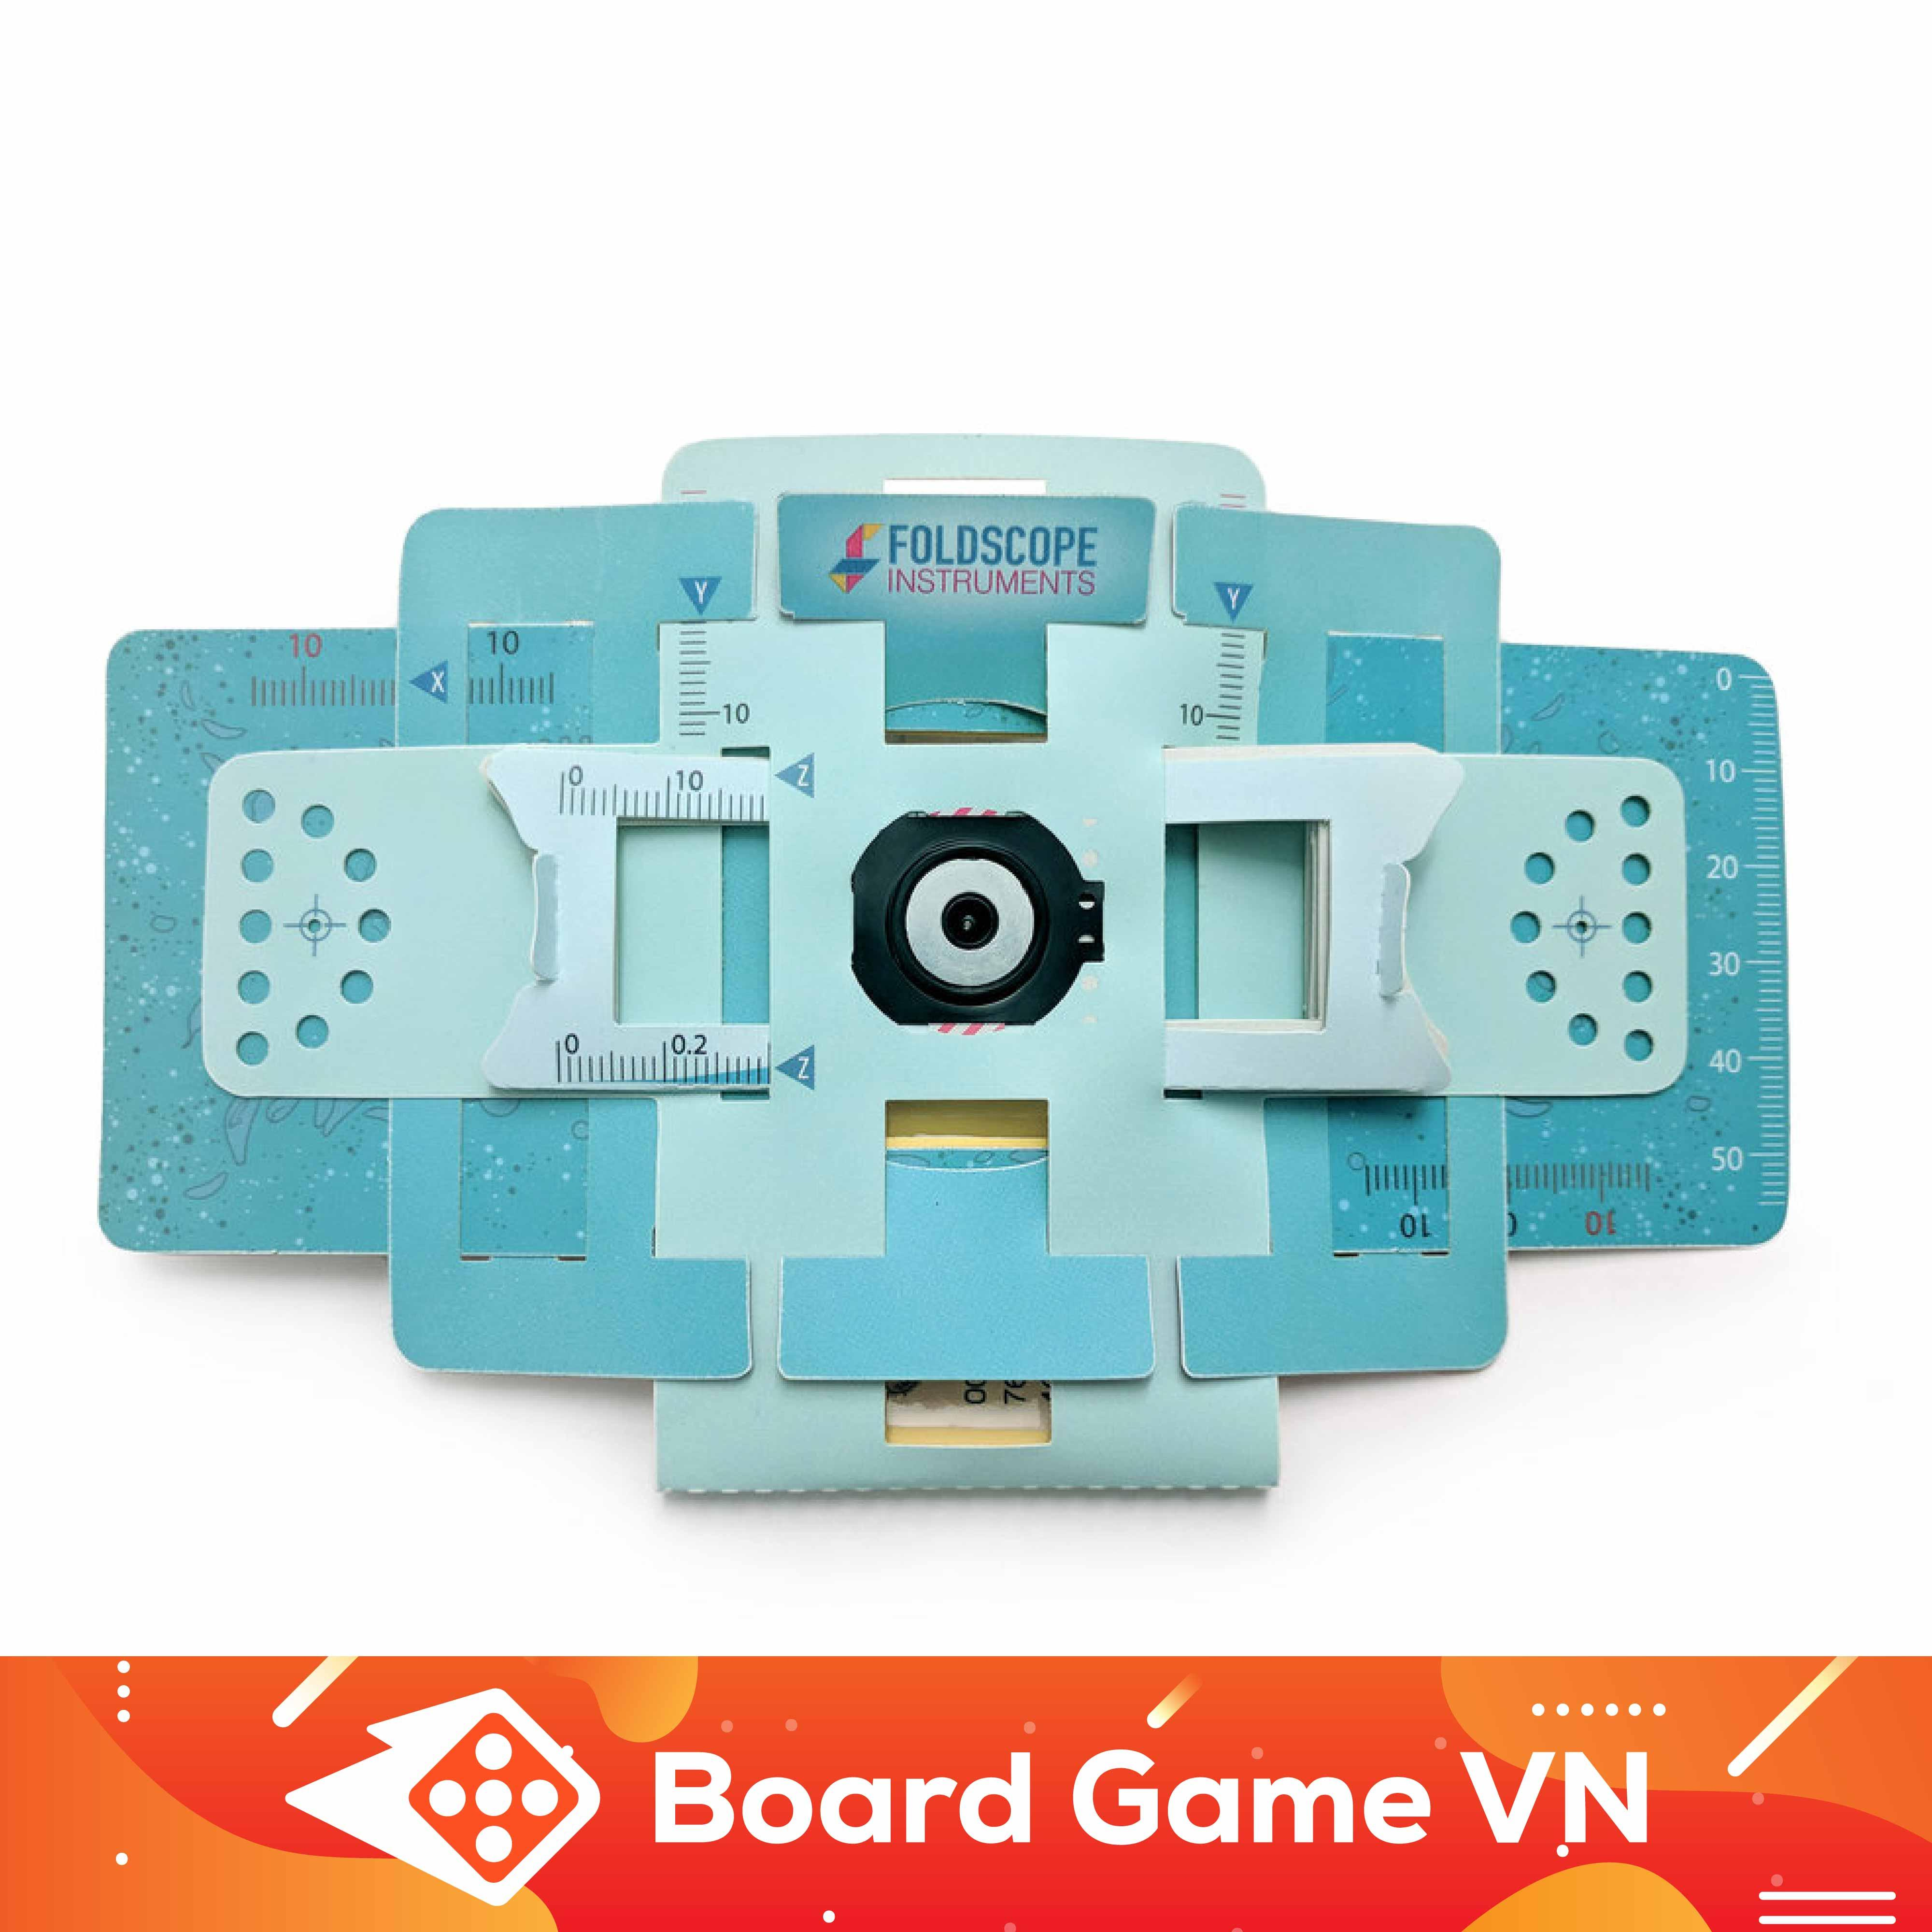 Kính Hiển Vi Giấy Foldscope - Khám Phá Vi Thế Giới Diệu Kỳ Giá Tốt Nhất Thị Trường